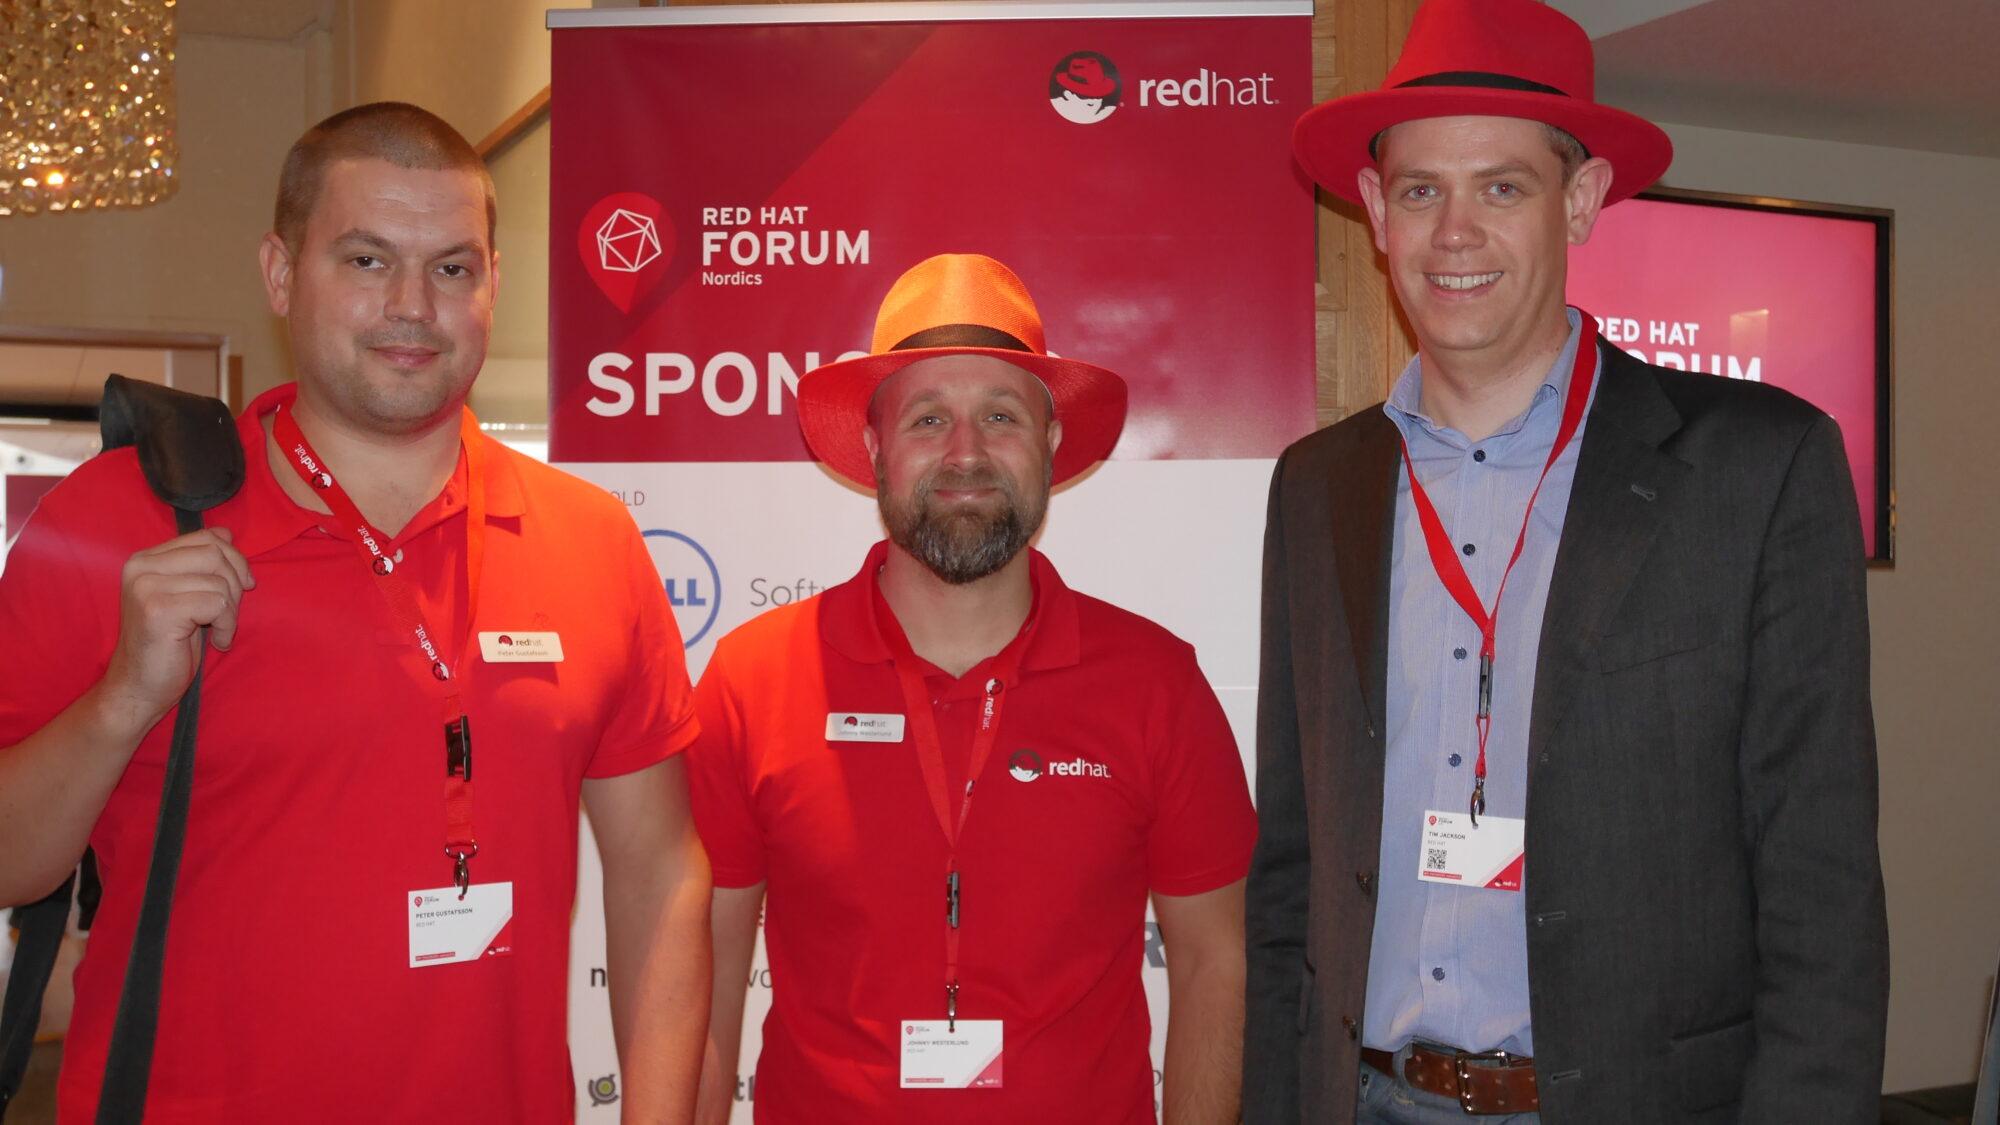 Red Hat summit 2015 i Münchenbryggeriet